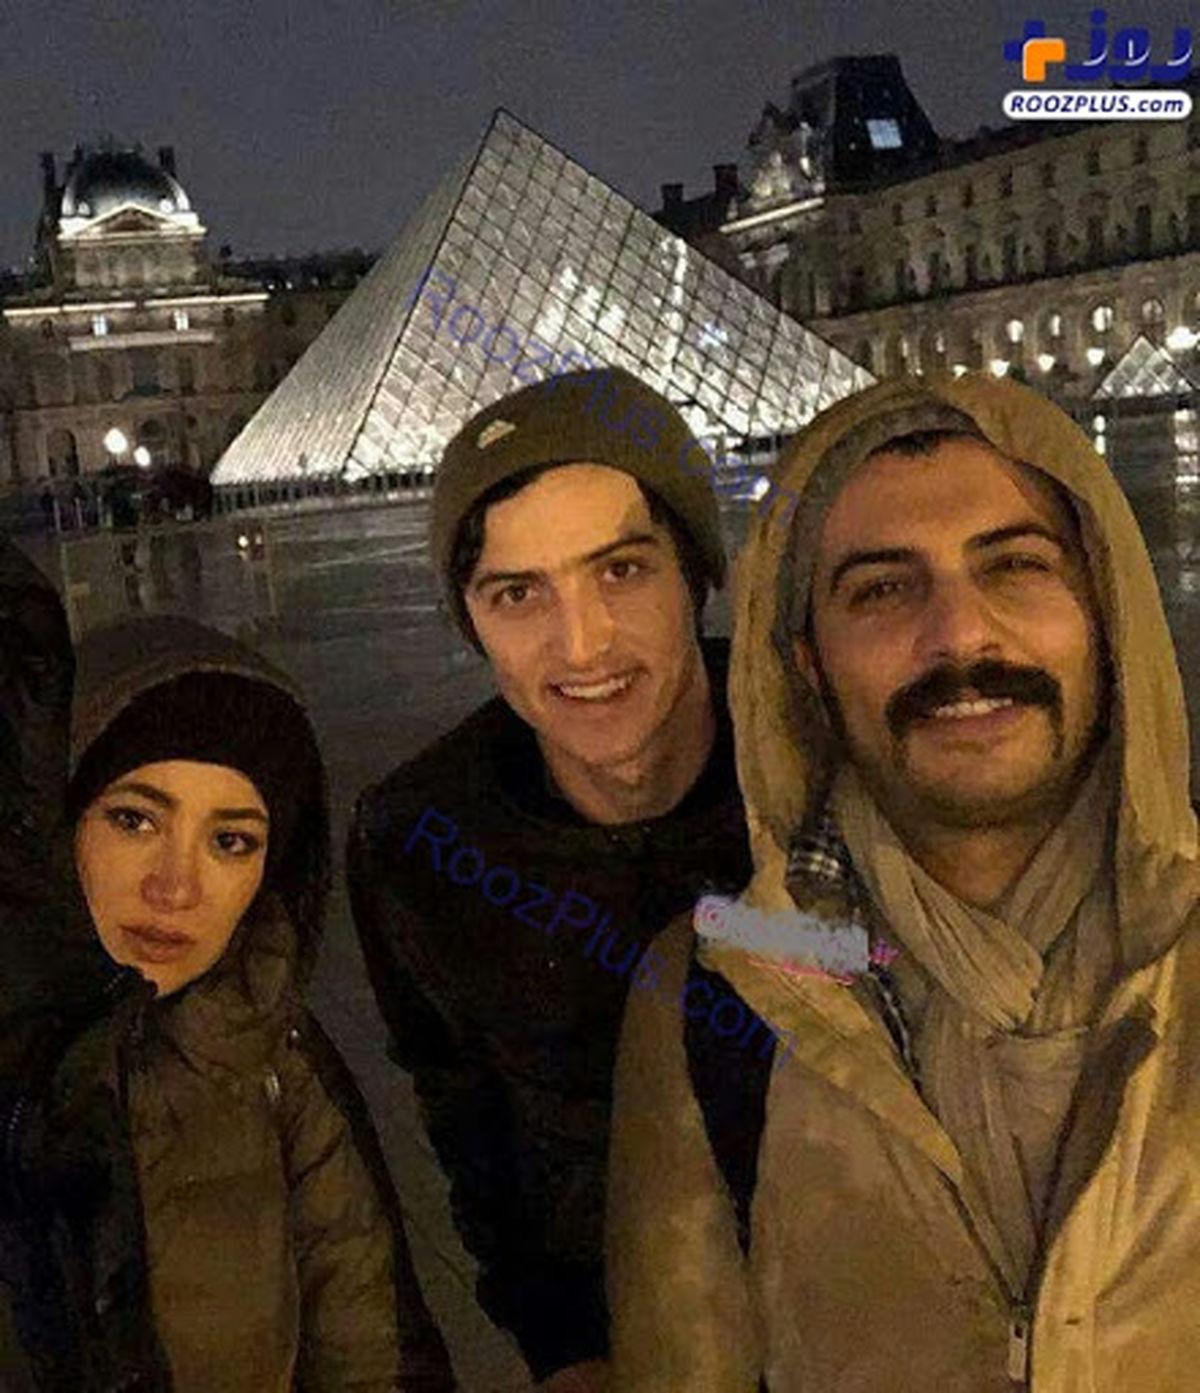 خوشگذرانی بهاره افشاری با فوتبالیست معروف در روسیه + عکس